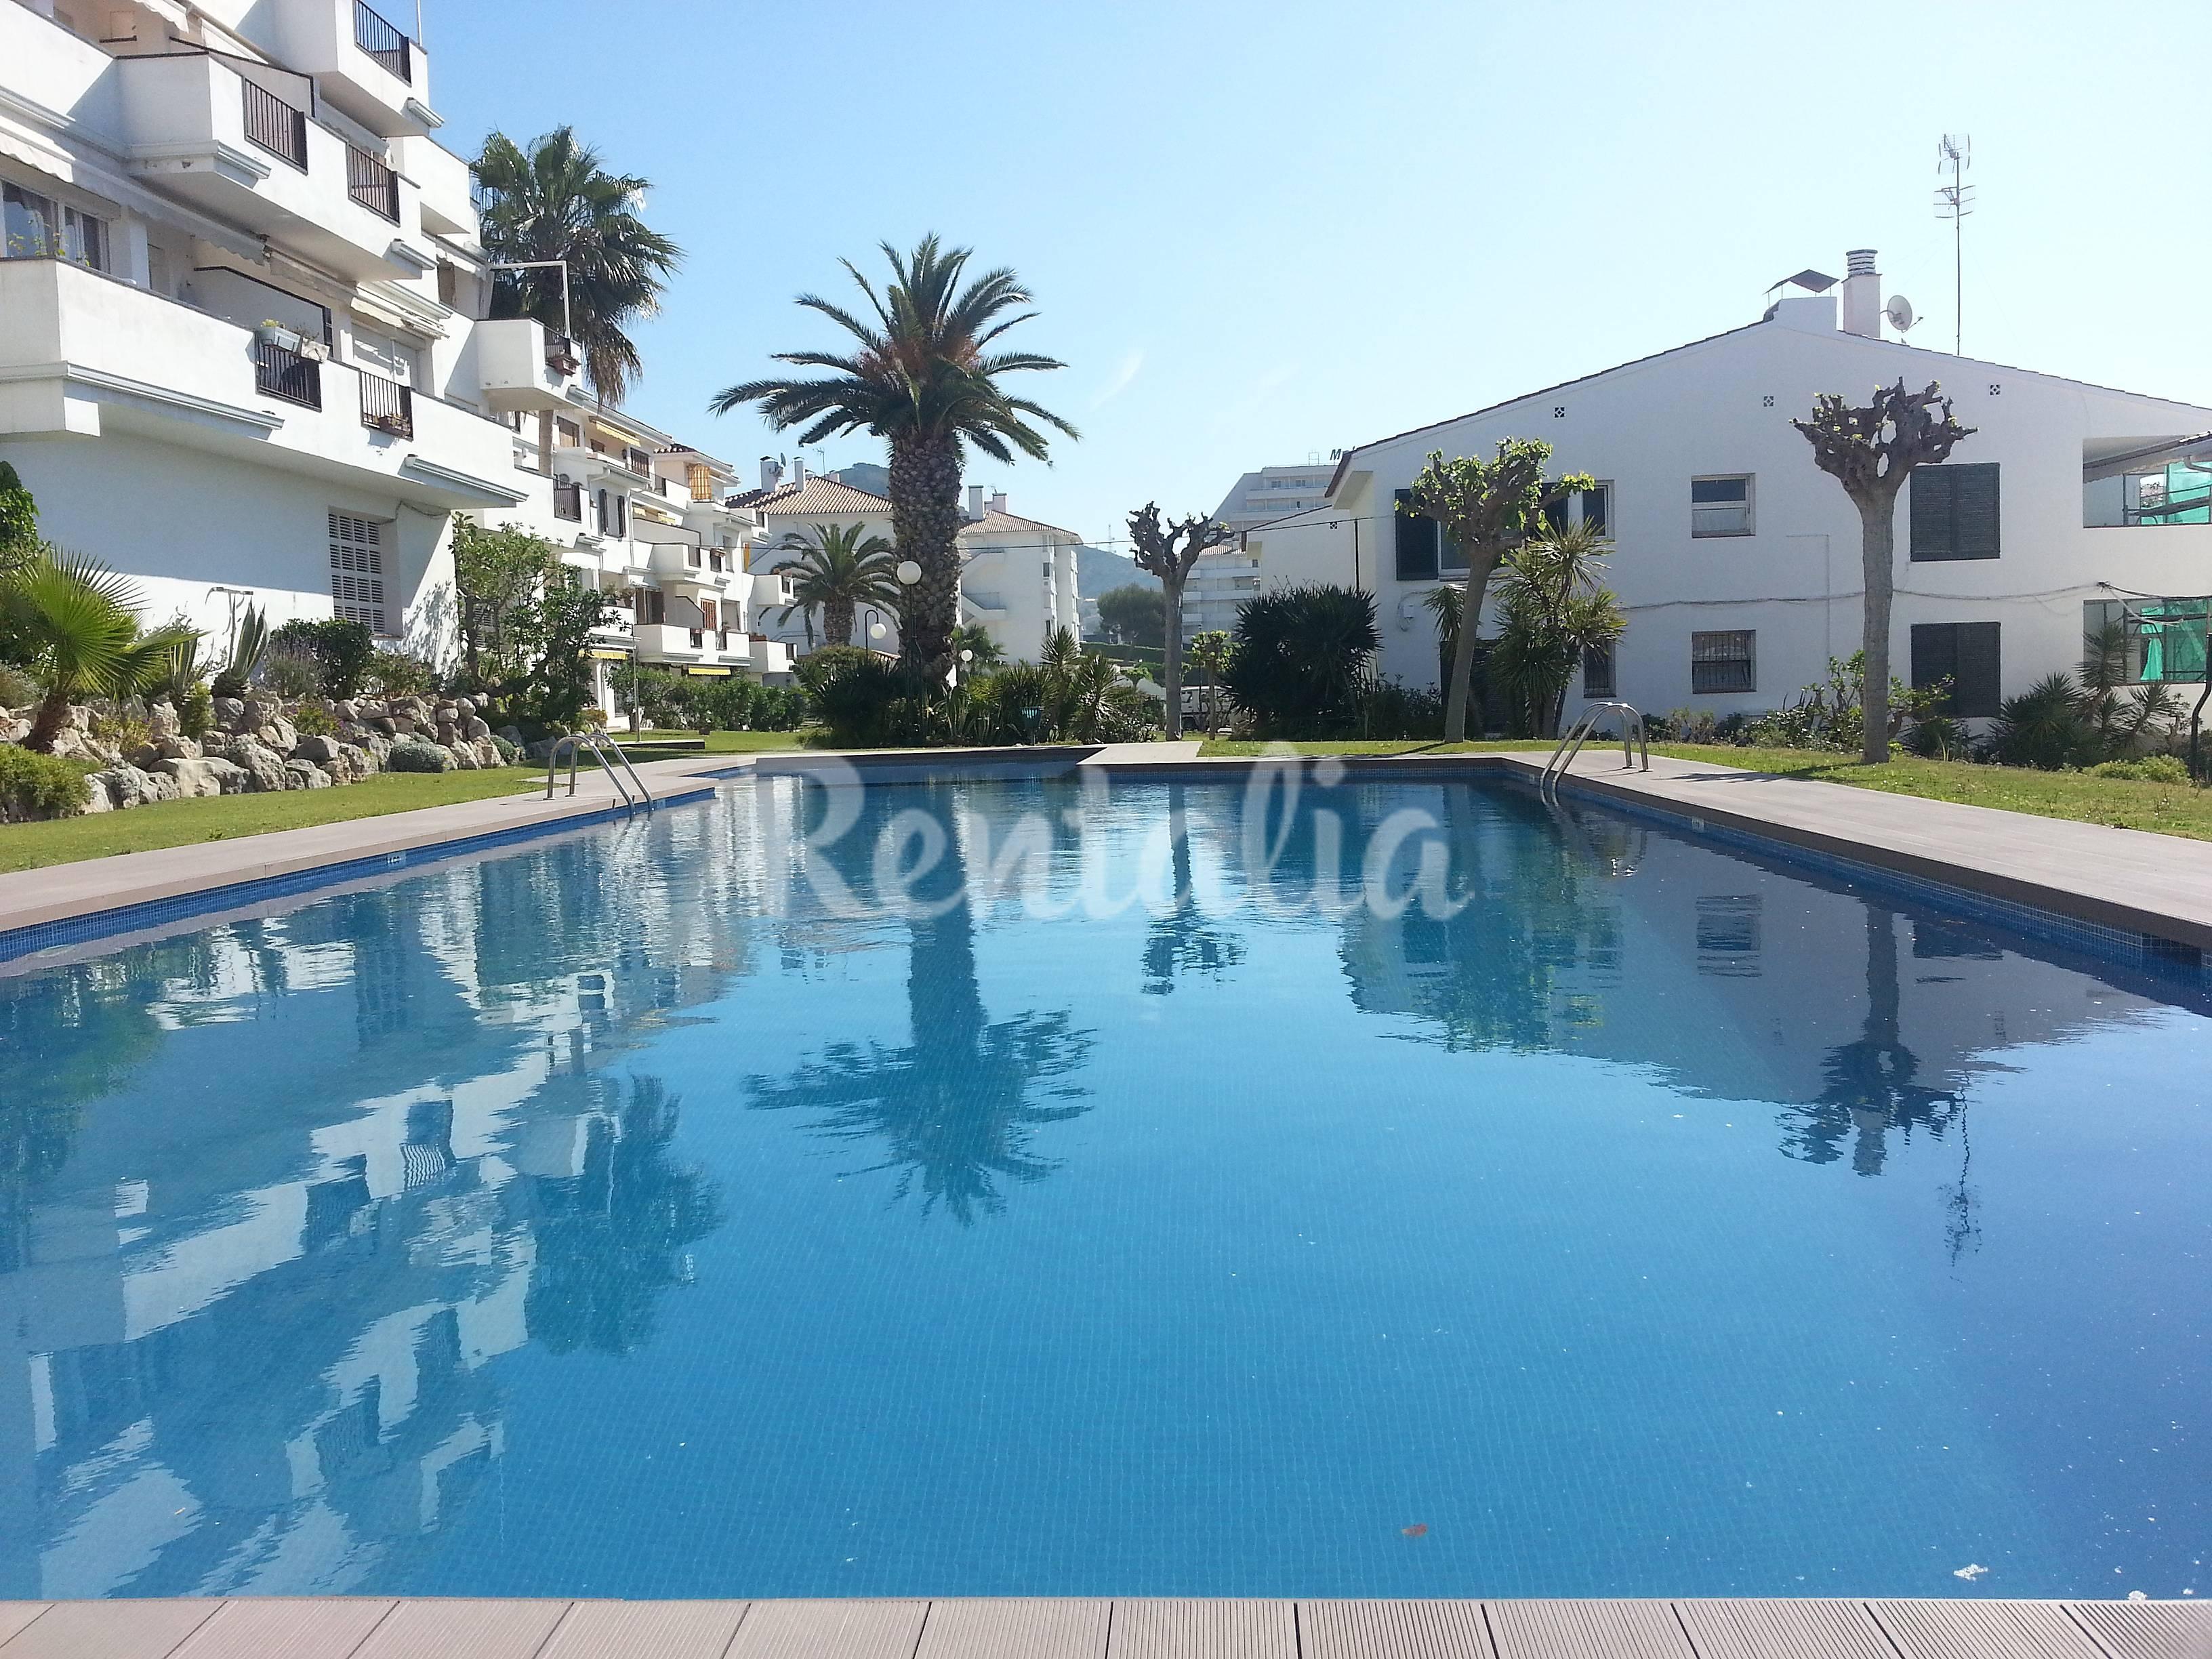 Alquiler vacaciones apartamentos y casas rurales en - Apartamentos vacaciones barcelona ...